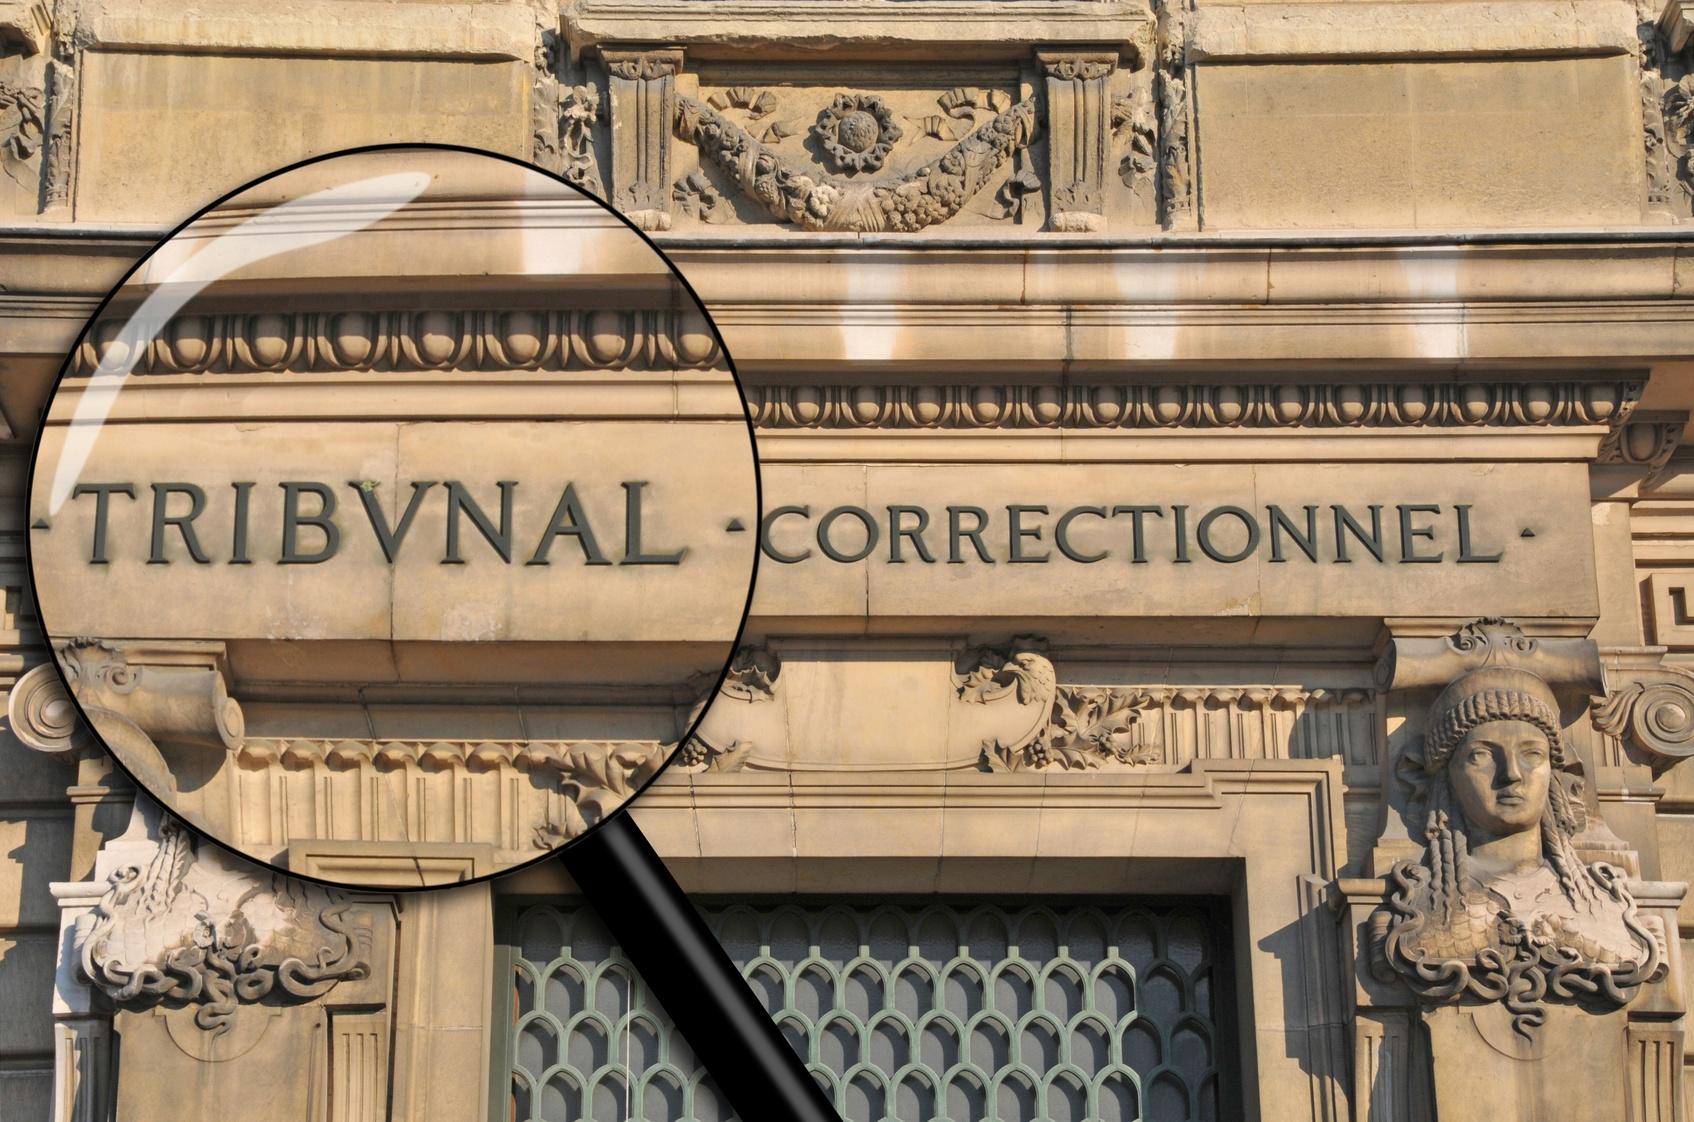 Les deux majeurs ont été jugés en comparution immédiate. Le principal mis en cause a été condamné à 10 mois de prison ferme auxquels s'ajoutent 12 mois suite à la révocation d'un sursis (illustration ©Fotolia)